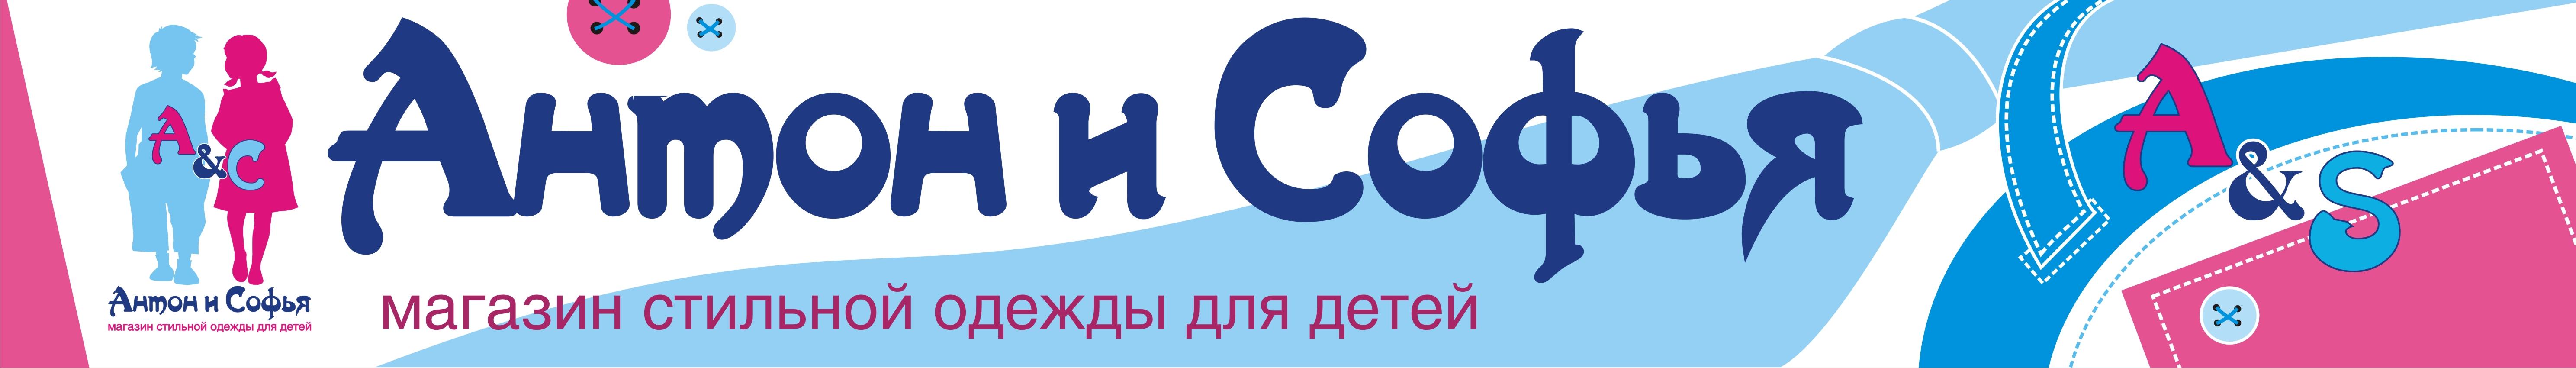 Логотип и вывеска для магазина детской одежды фото f_4c87dc5418582.jpg